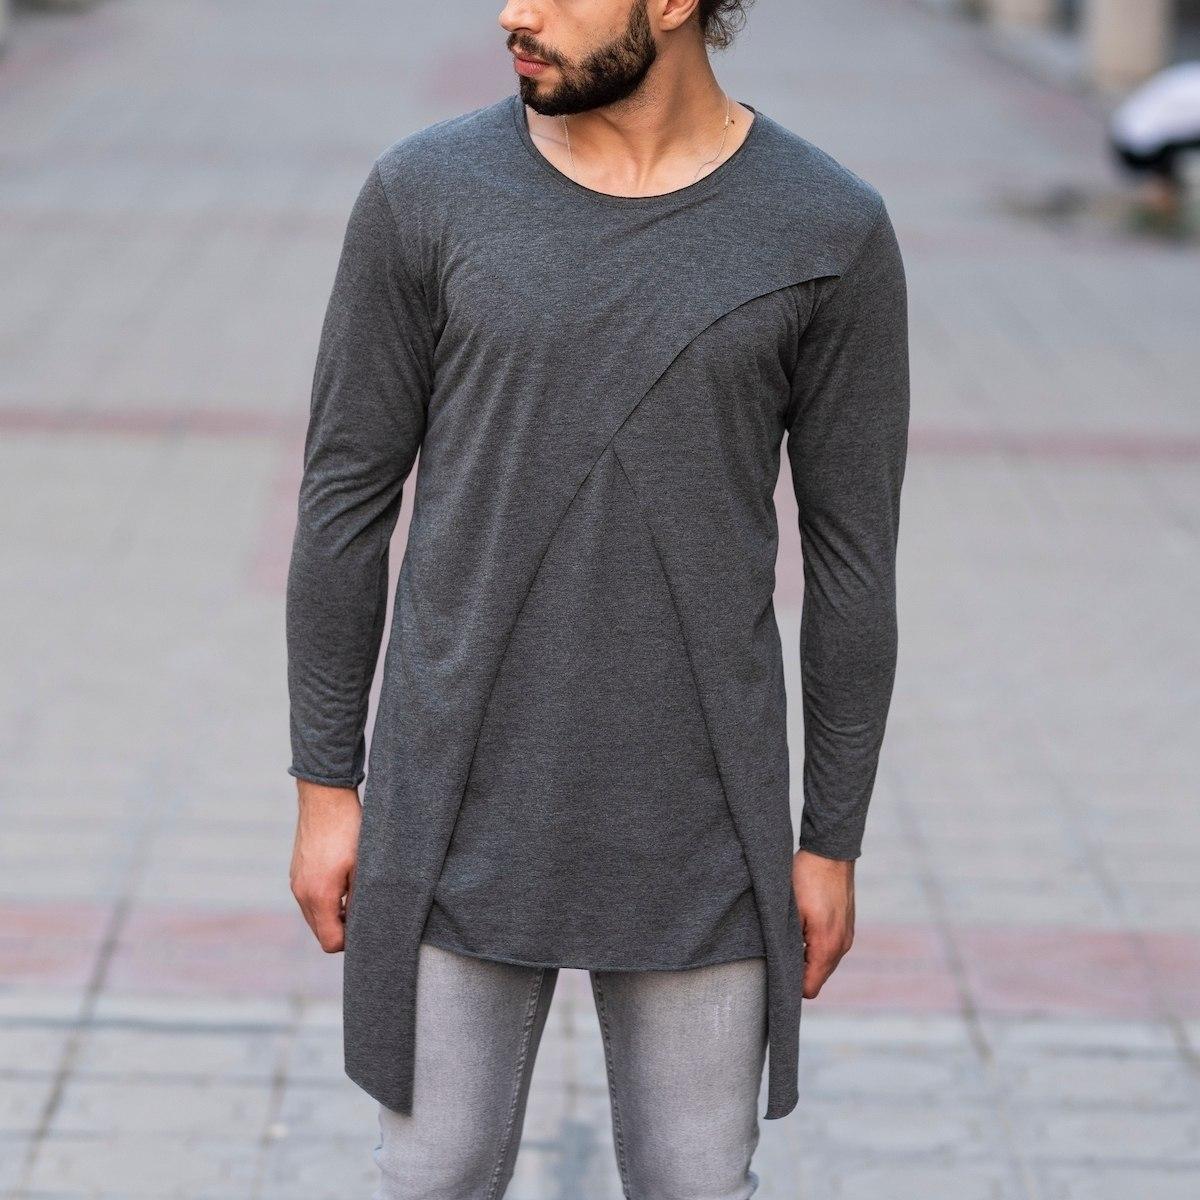 V-Layered Sweatshirt In Gray Mv Premium Brand - 1